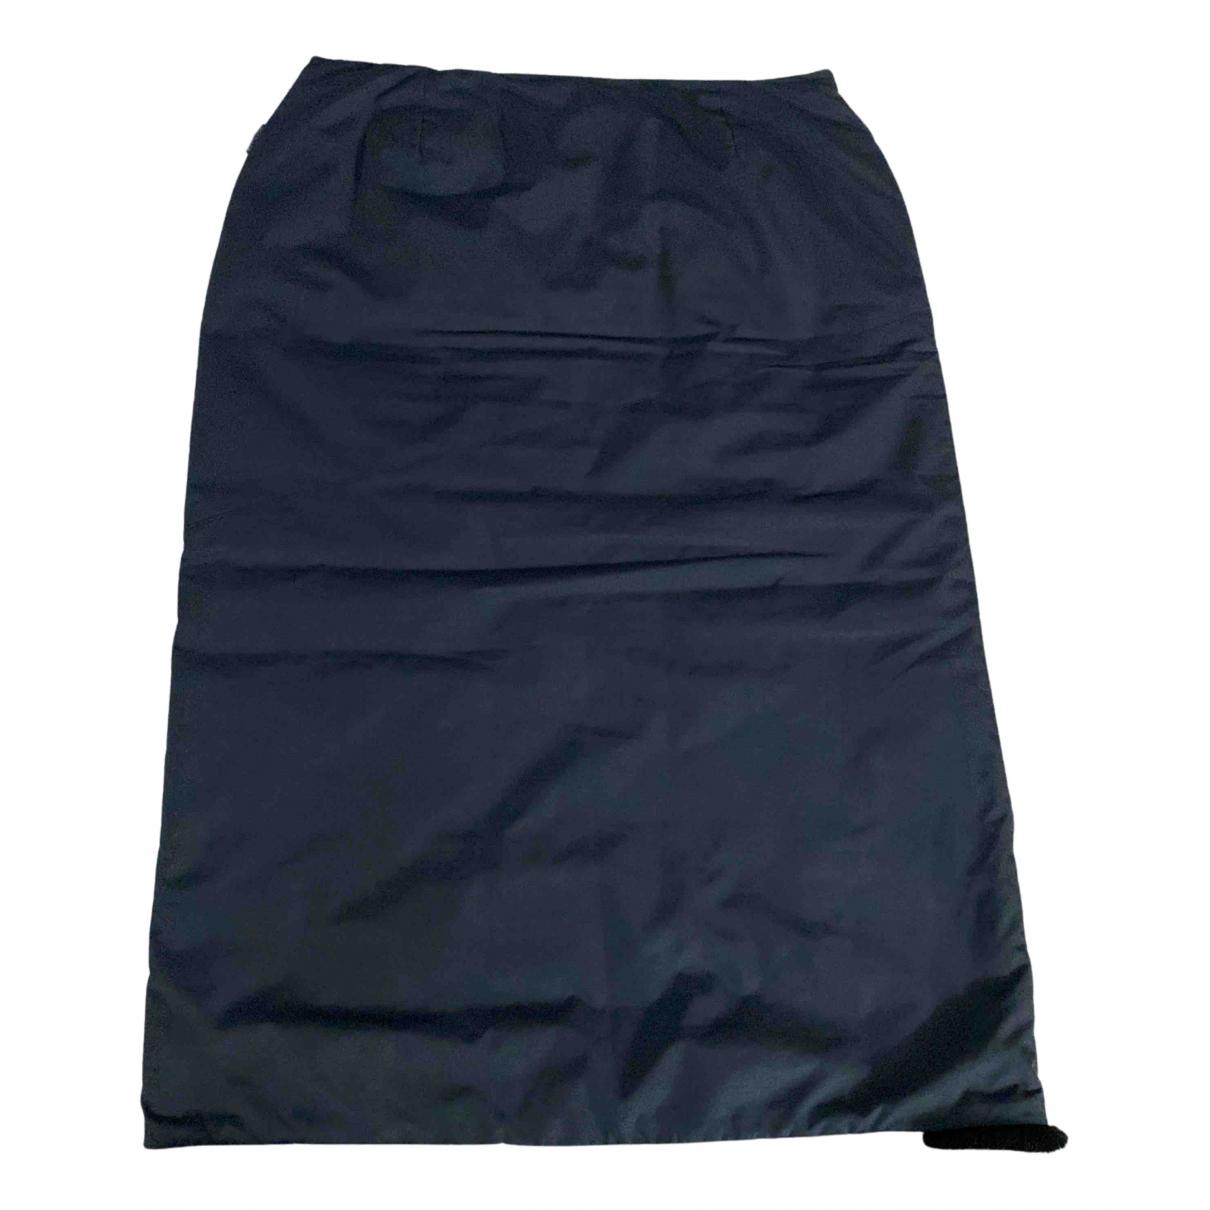 Moncler N Black skirt for Women 0 0-5